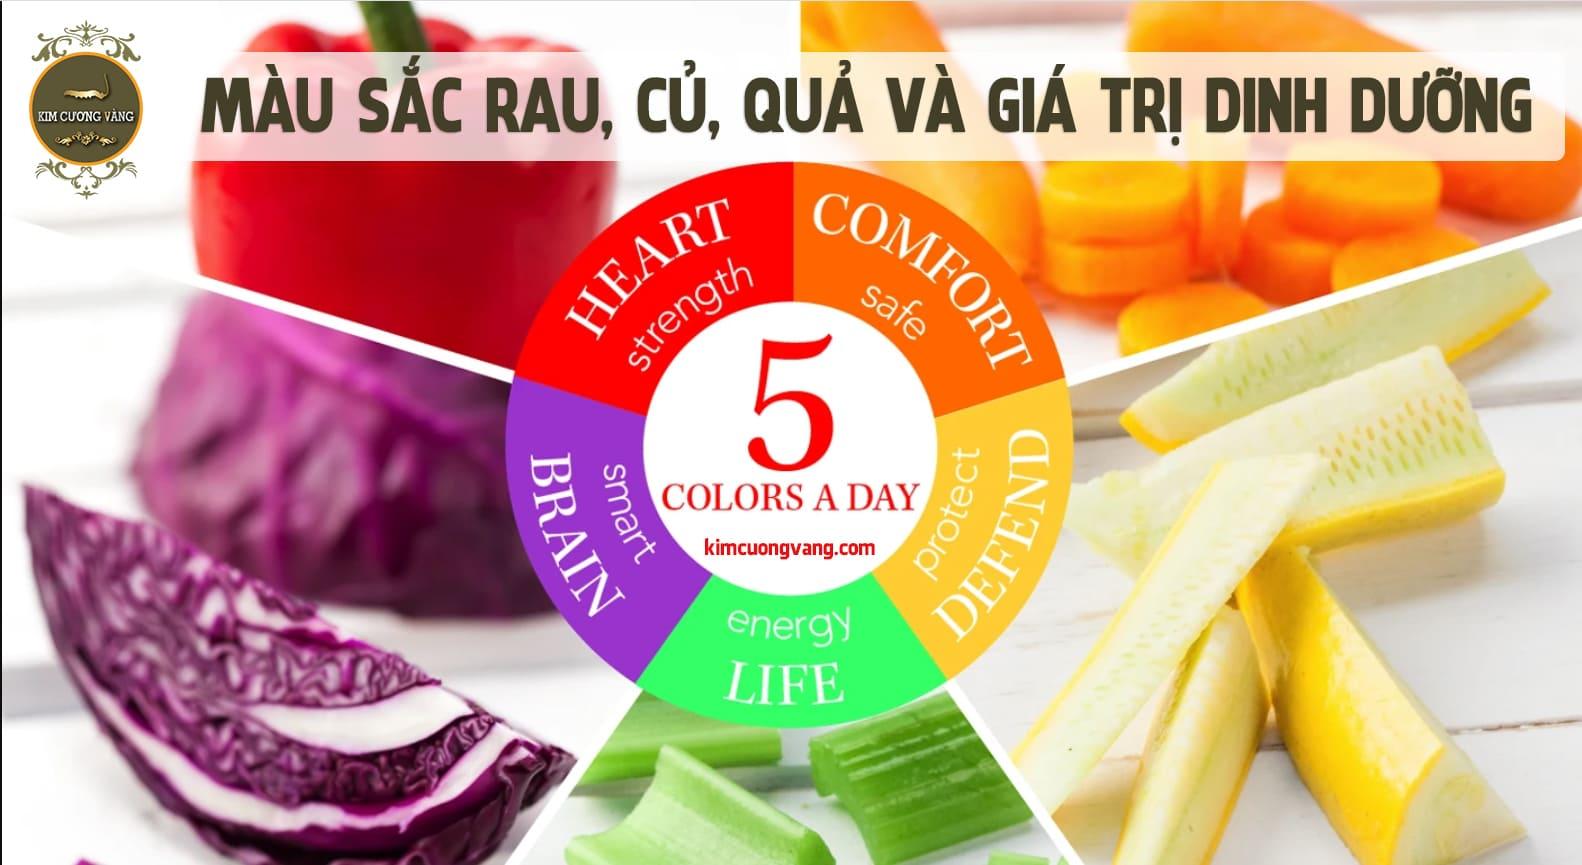 Màu sắc của rau,củ, quả và giá trị dinh dưỡng|Màu sắc của rau,củ, quả và những lợi ít bạn nên biết| Dong trung ha thao kim cuong vang